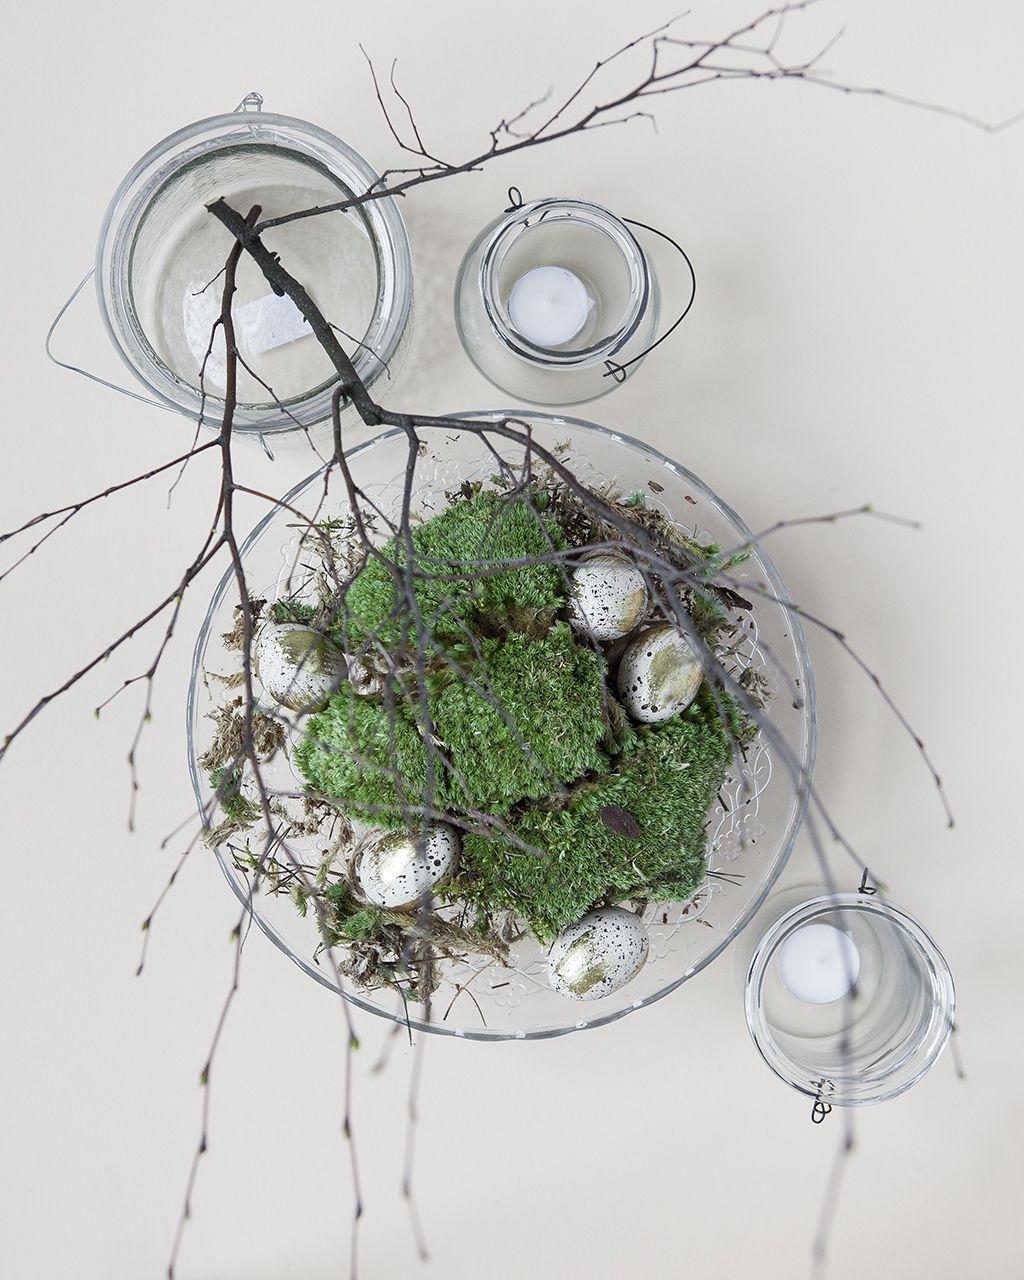 osterdeko mit moos und birkenzweige ostern pinterest ostern birkenzweige und moos. Black Bedroom Furniture Sets. Home Design Ideas